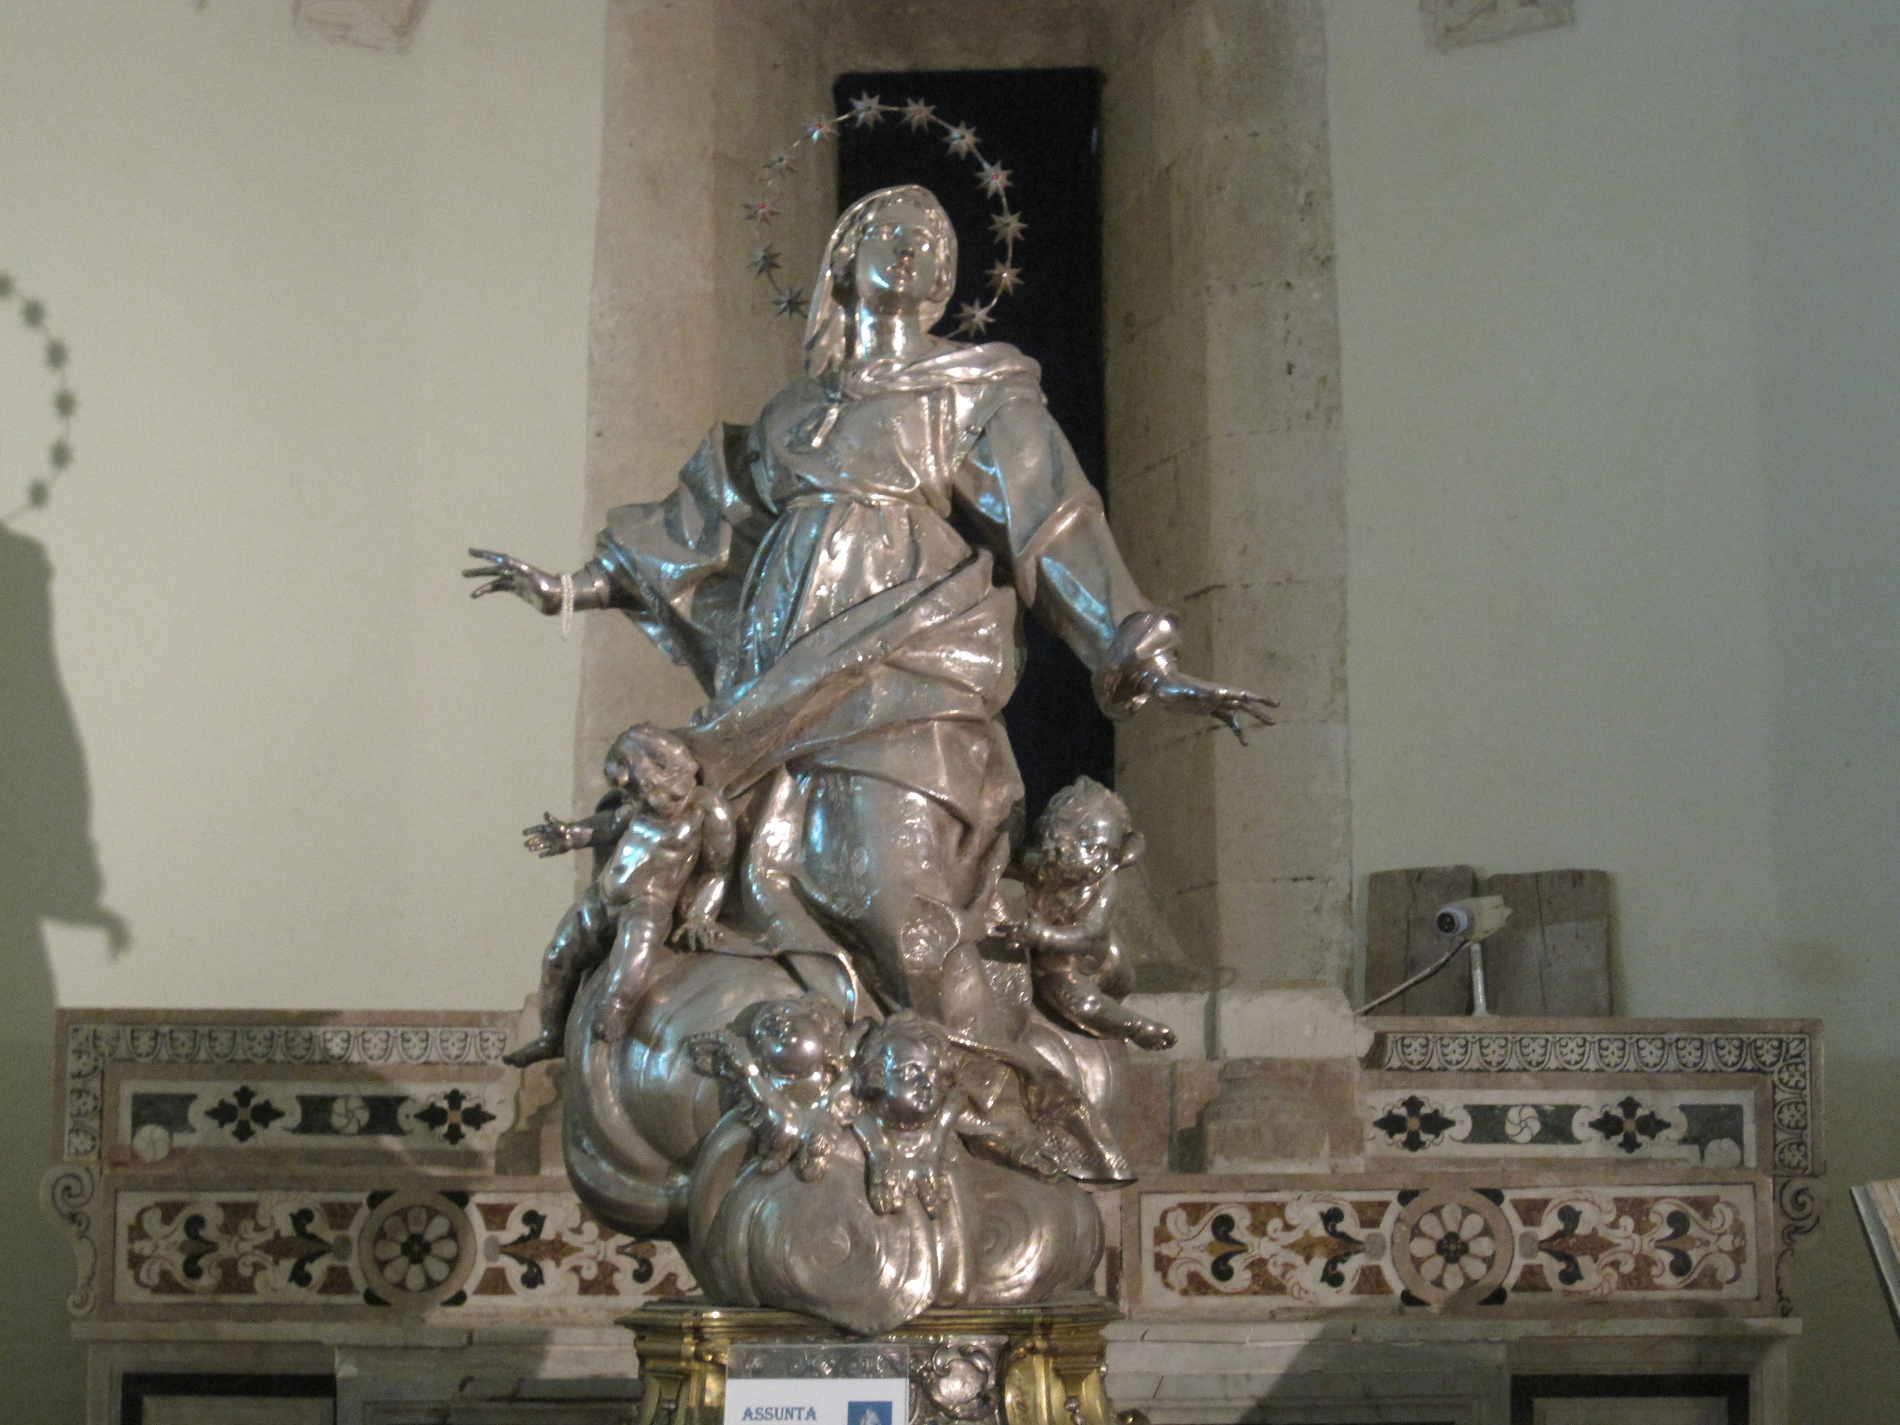 Statua in argento dedicata a Santa Maria Assunta, conservata nella Cripta del Duomo di Gerage